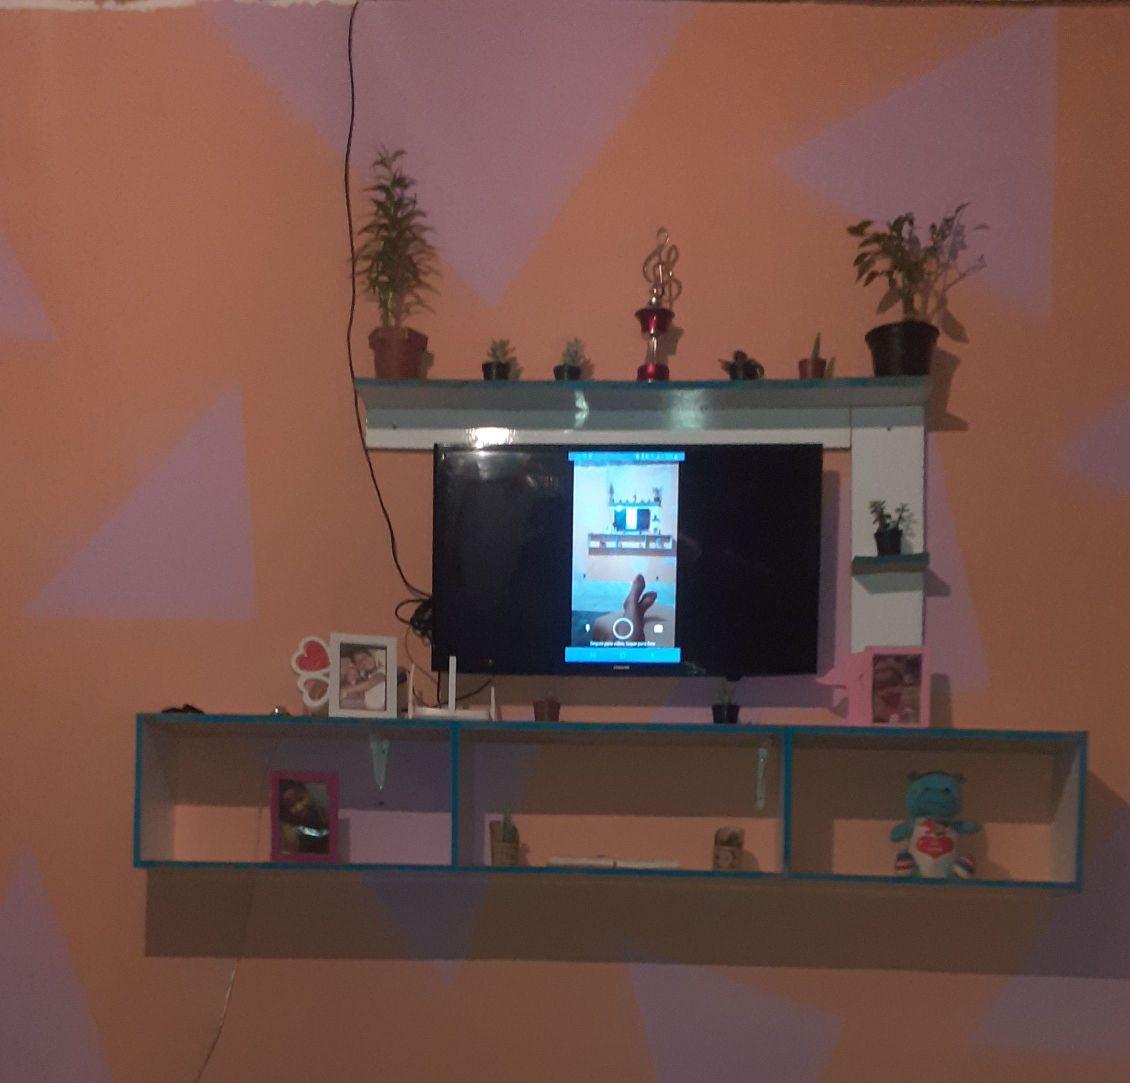 estante e pintura da parede